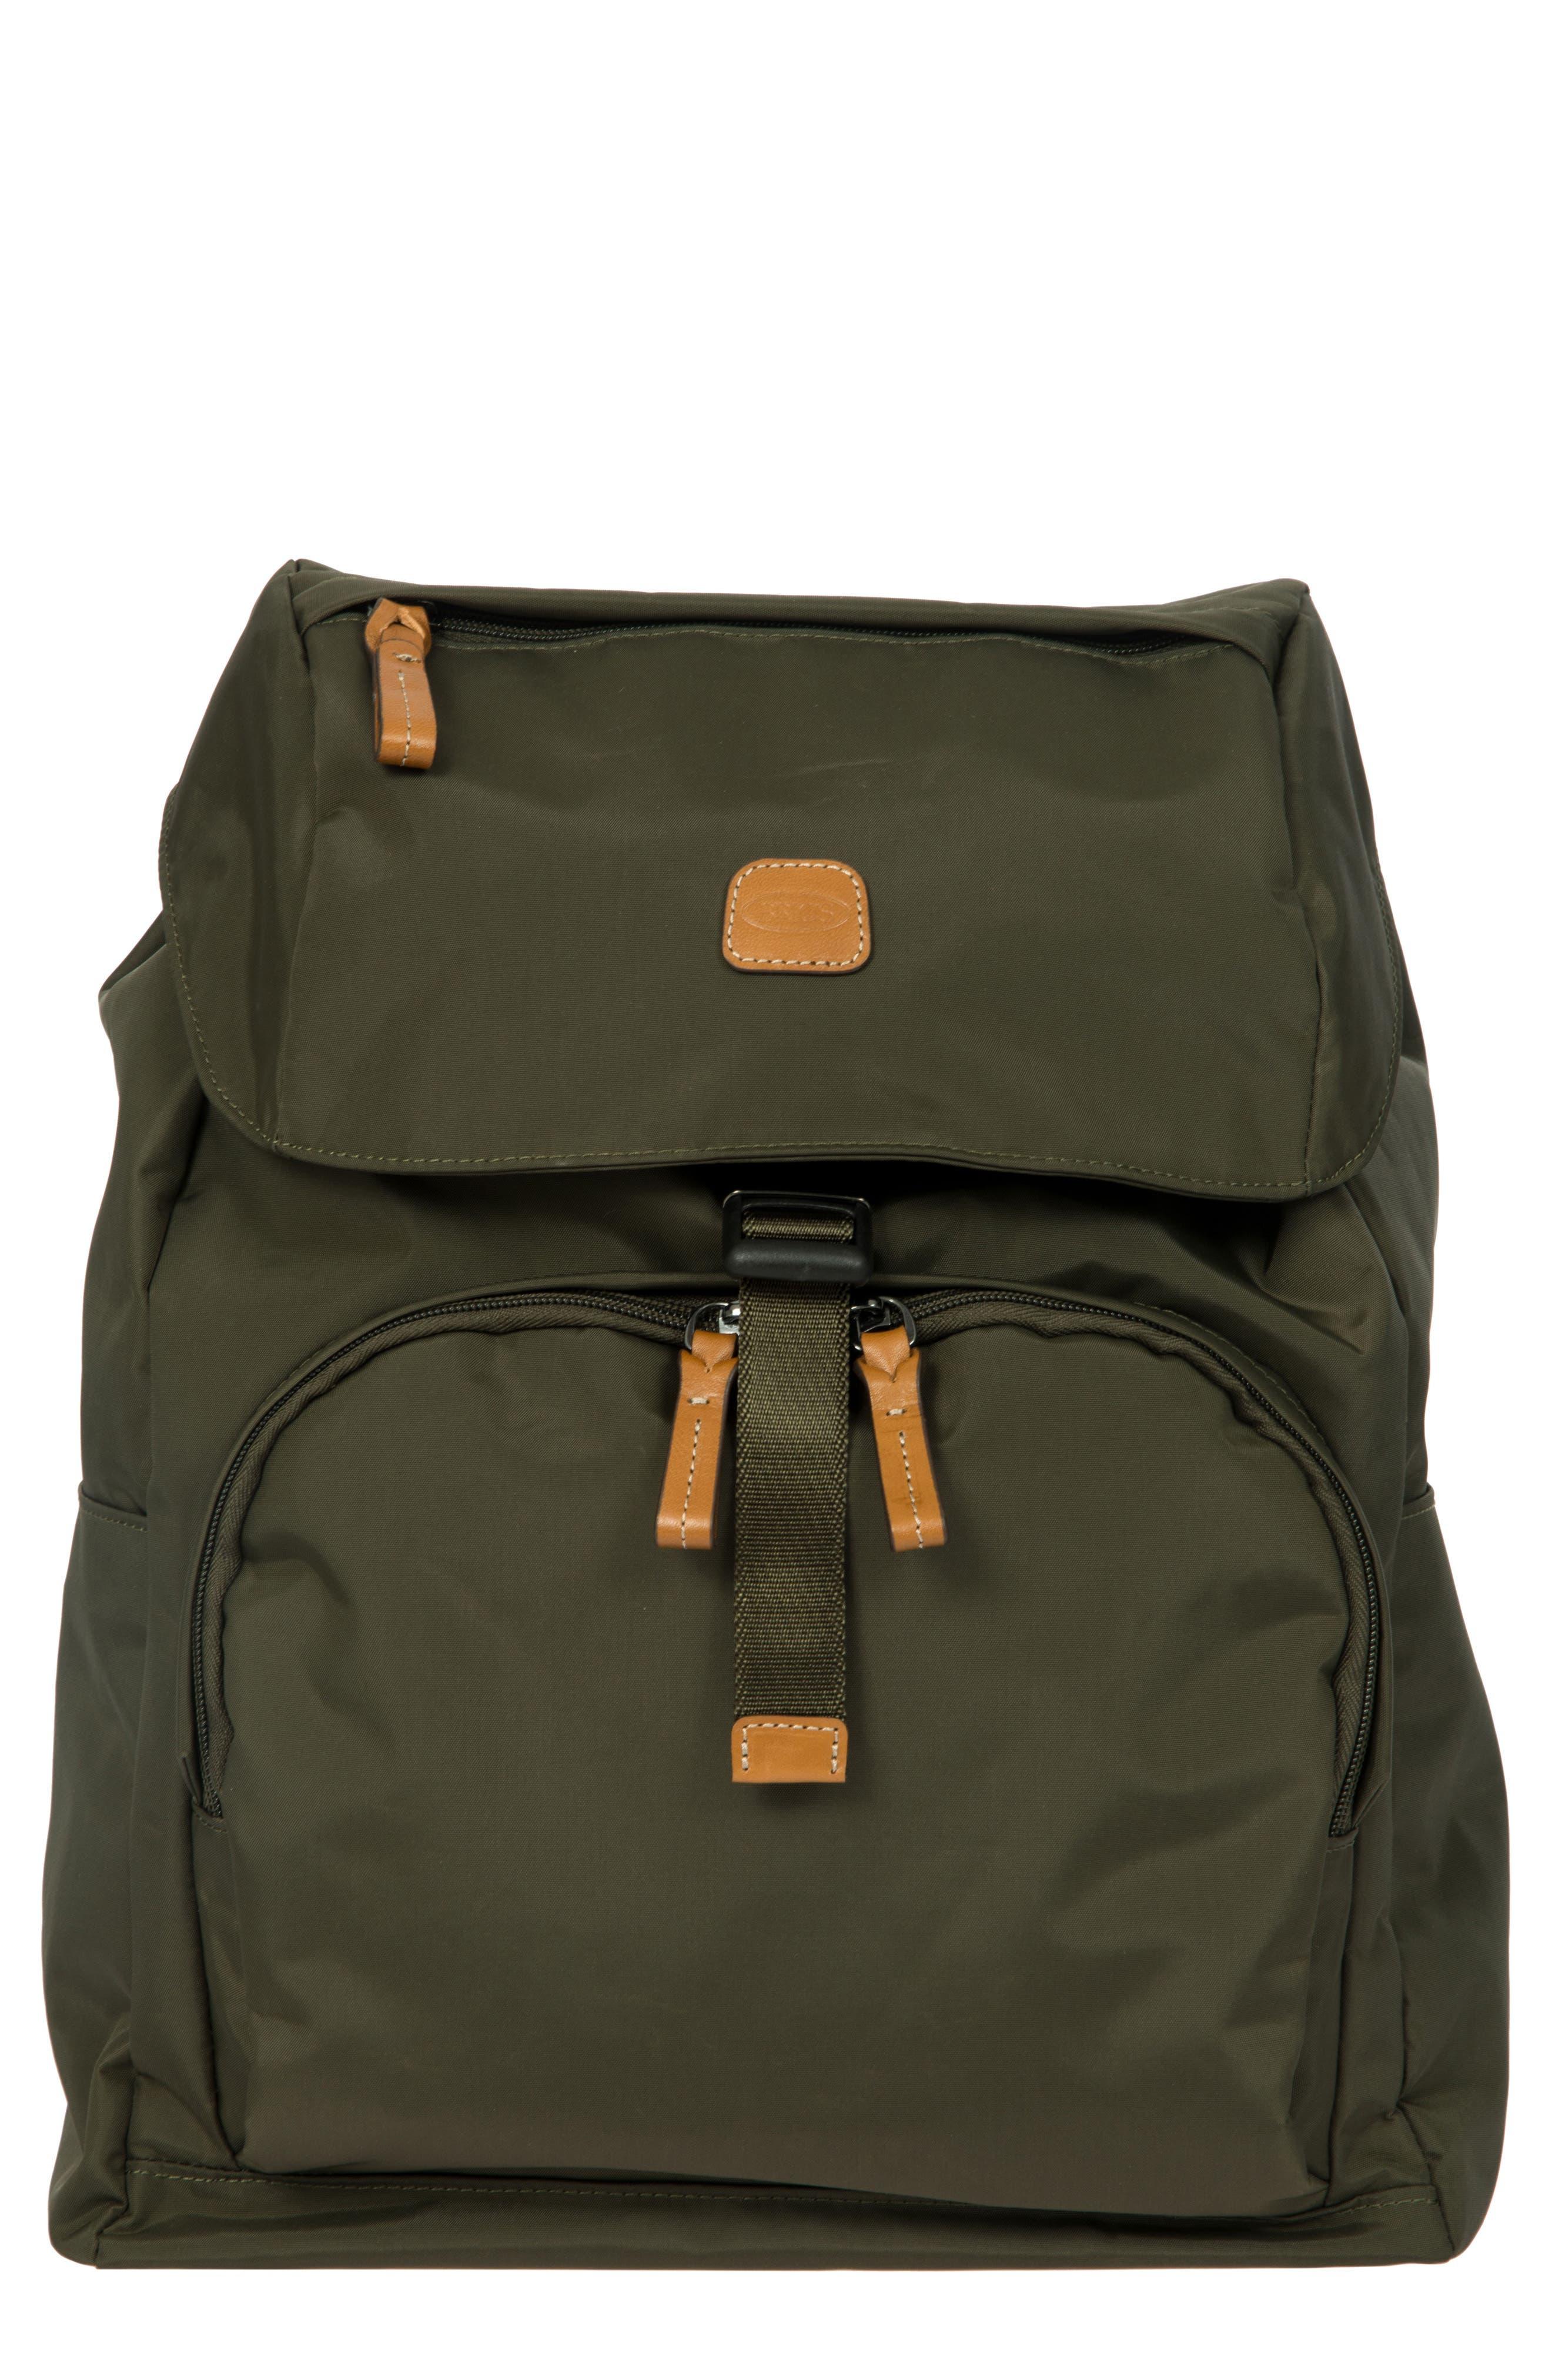 X-Bag Travel Excursion Backpack,                         Main,                         color, Olive